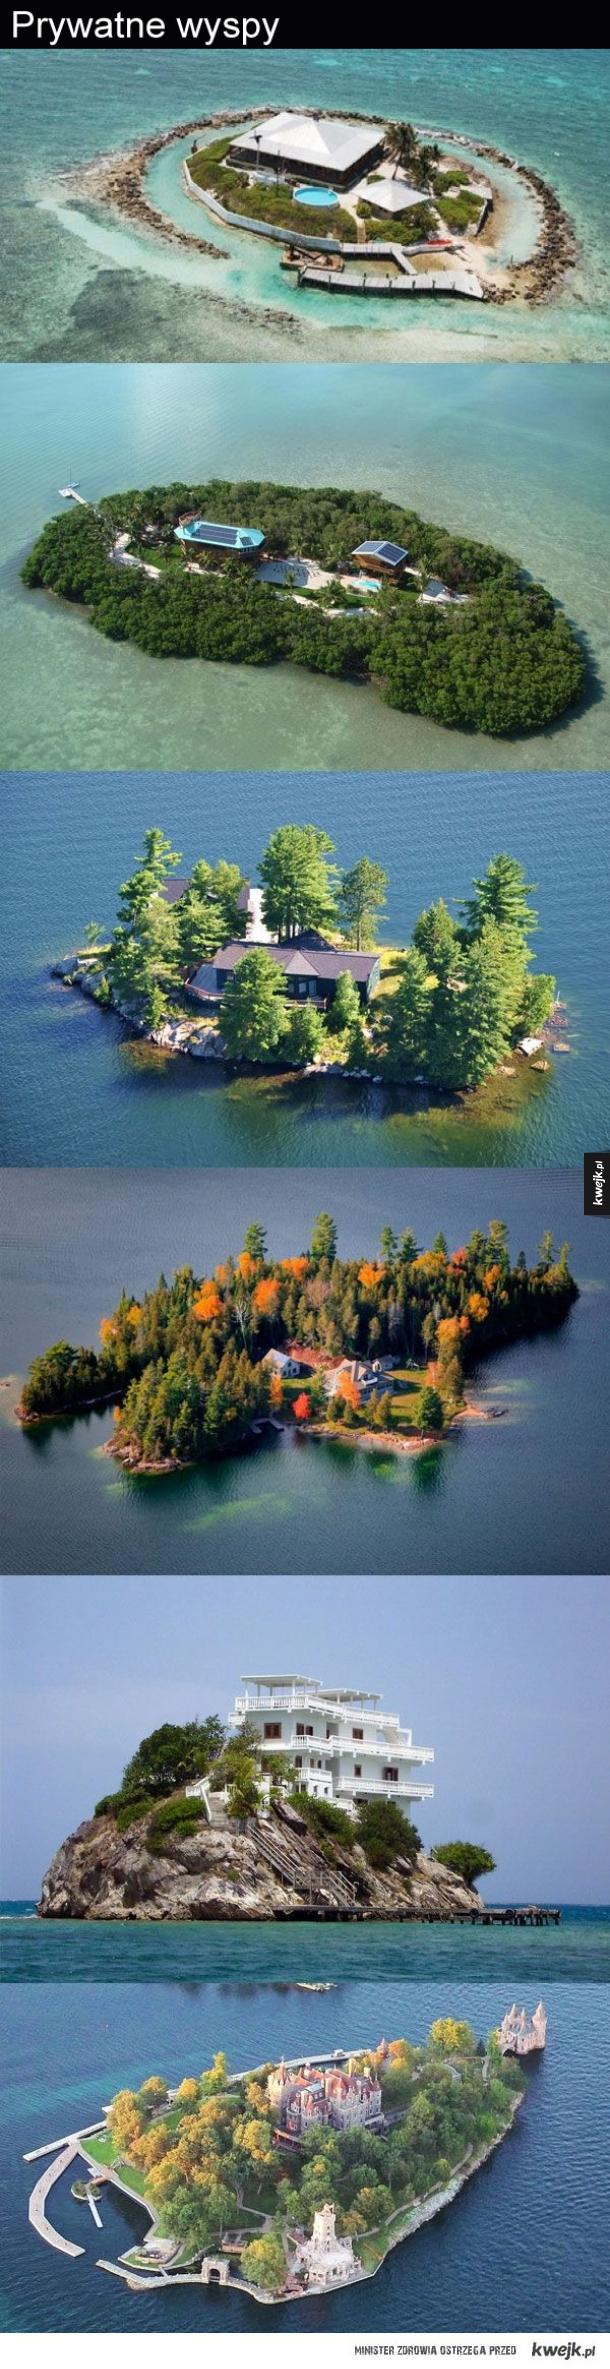 Wyspy bogatych ludzi